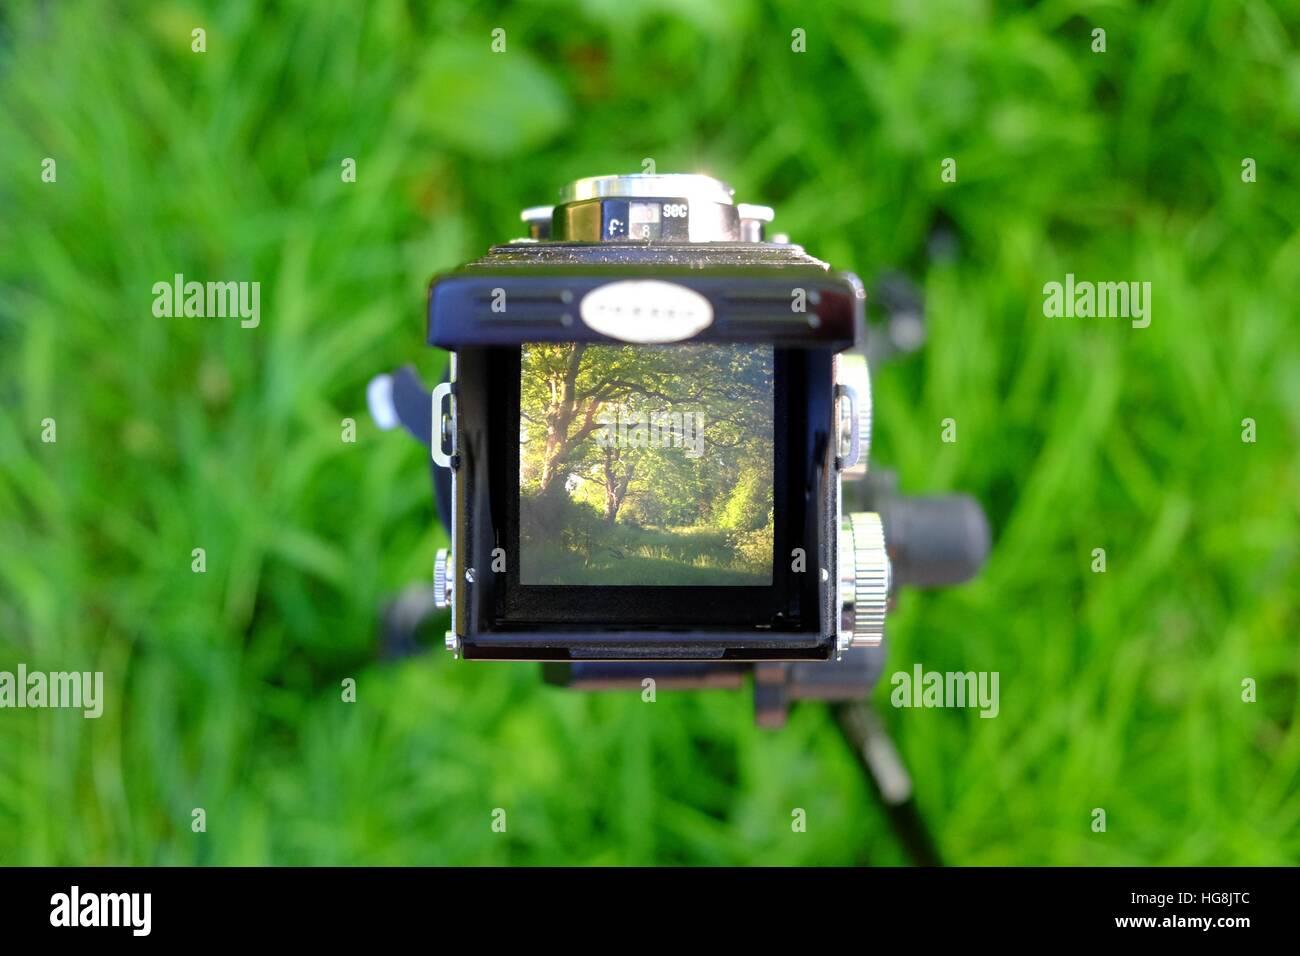 Guardando verso il basso attraverso un vintage doppia lente della fotocamera a livello di cintura mirino al alcuni Immagini Stock